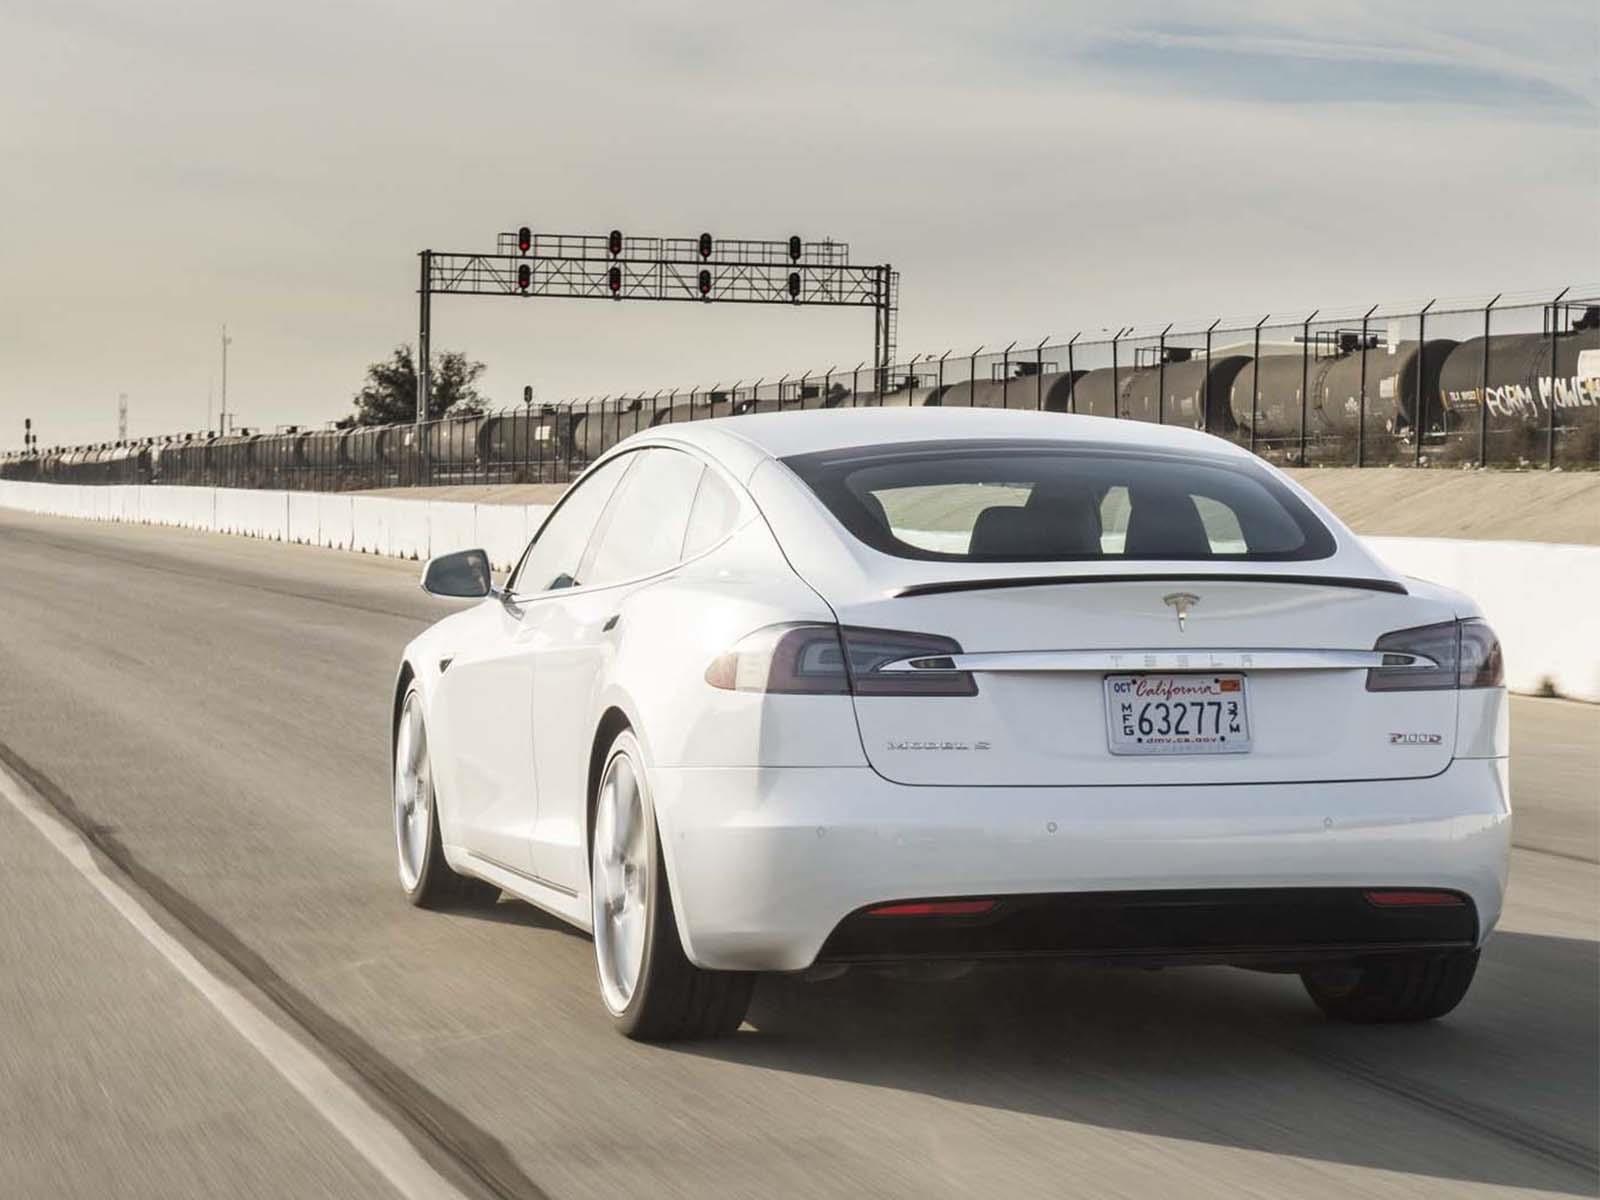 Titanes en el Ring: Tesla Model X vs Lamborghini Aventador SV